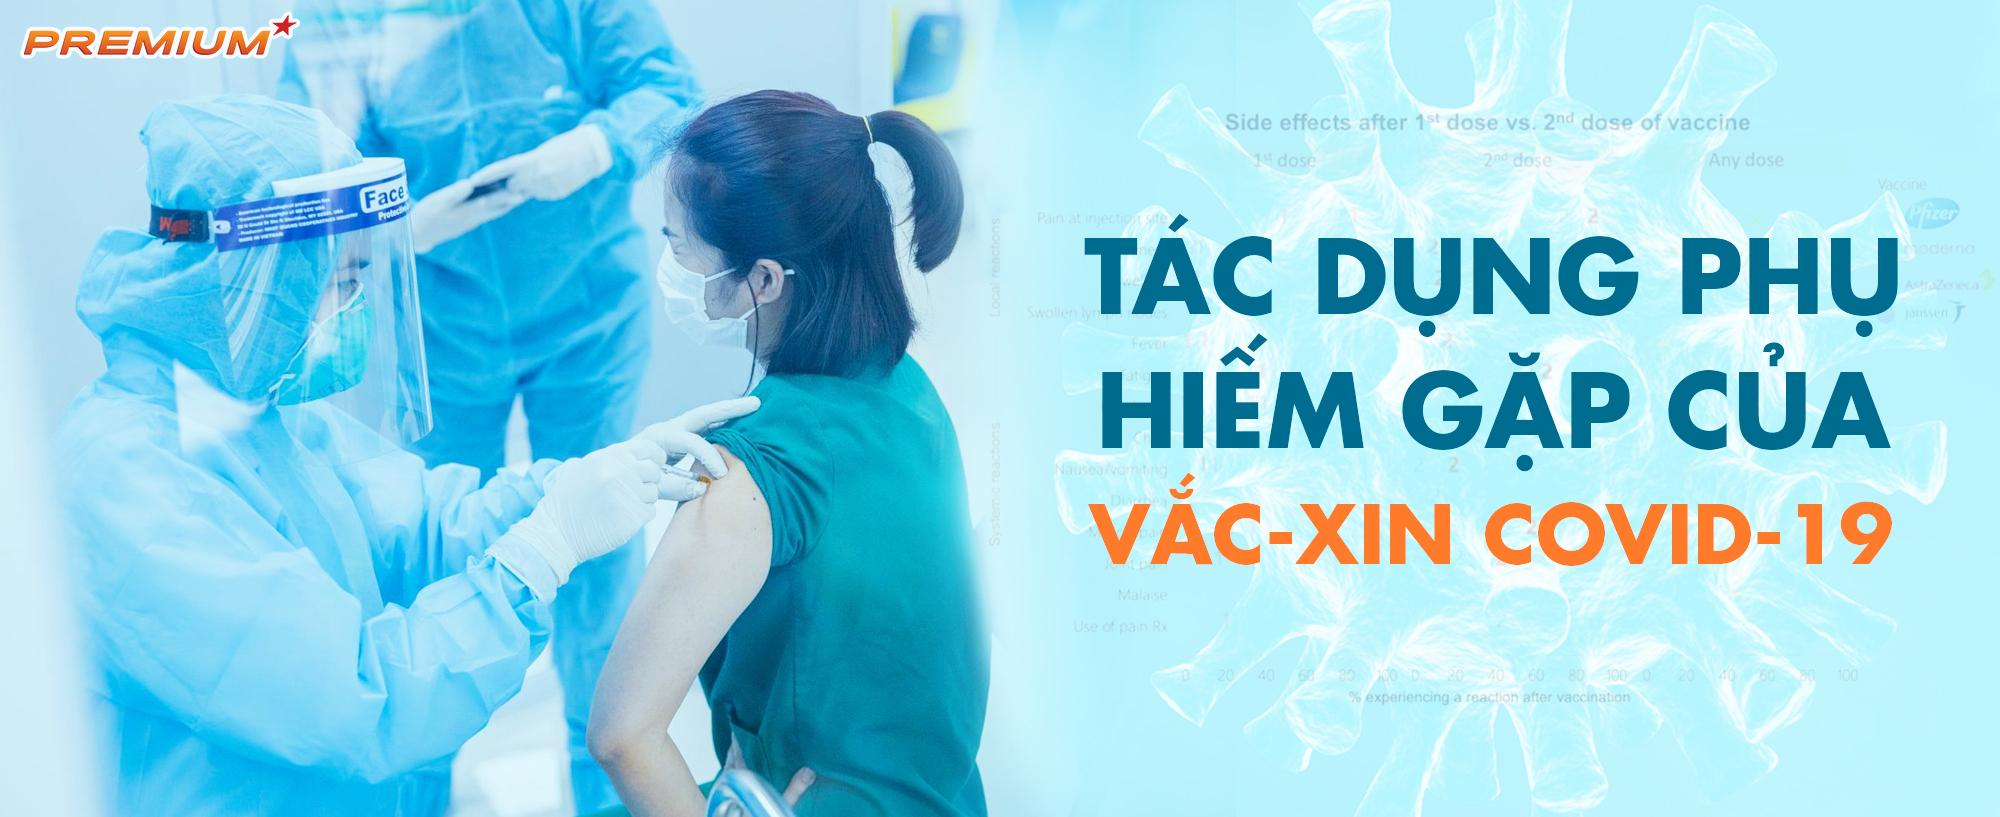 Tác dụng phụ hiếm gặp của vắc-xin Covid-19